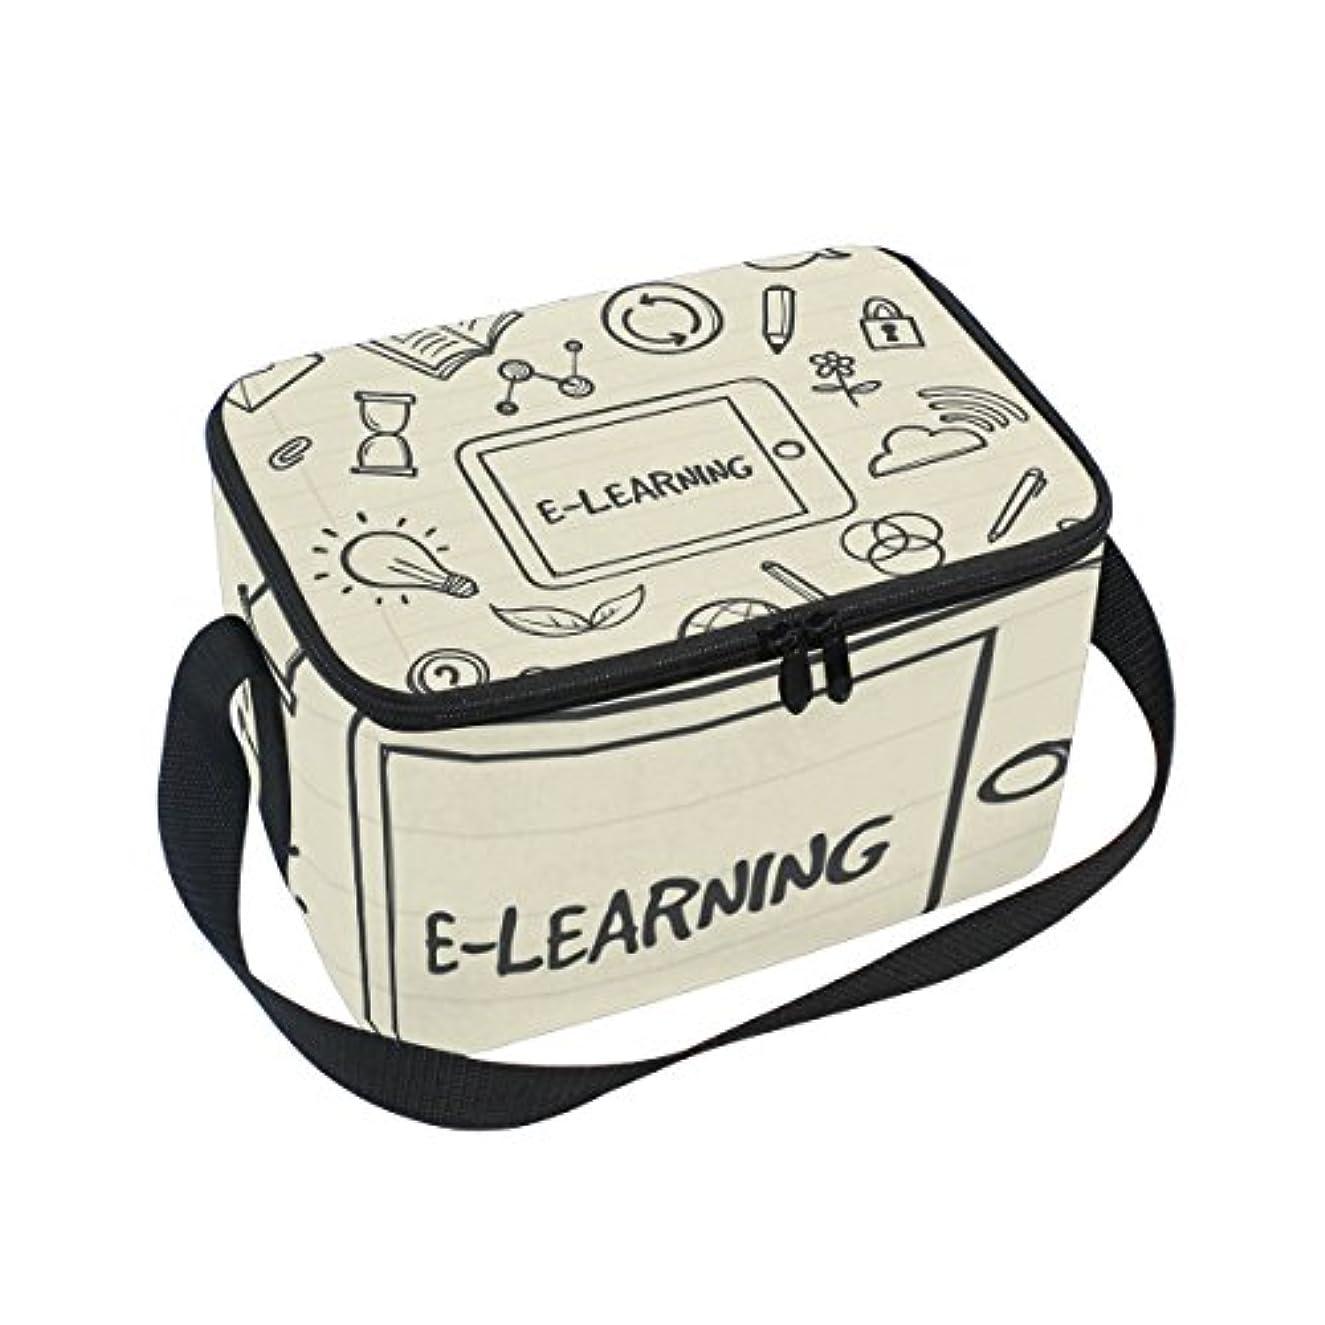 内側倫理的比較的クーラーバッグ クーラーボックス ソフトクーラ 冷蔵ボックス キャンプ用品 始業 学校 学習 保冷保温 大容量 肩掛け お花見 アウトドア